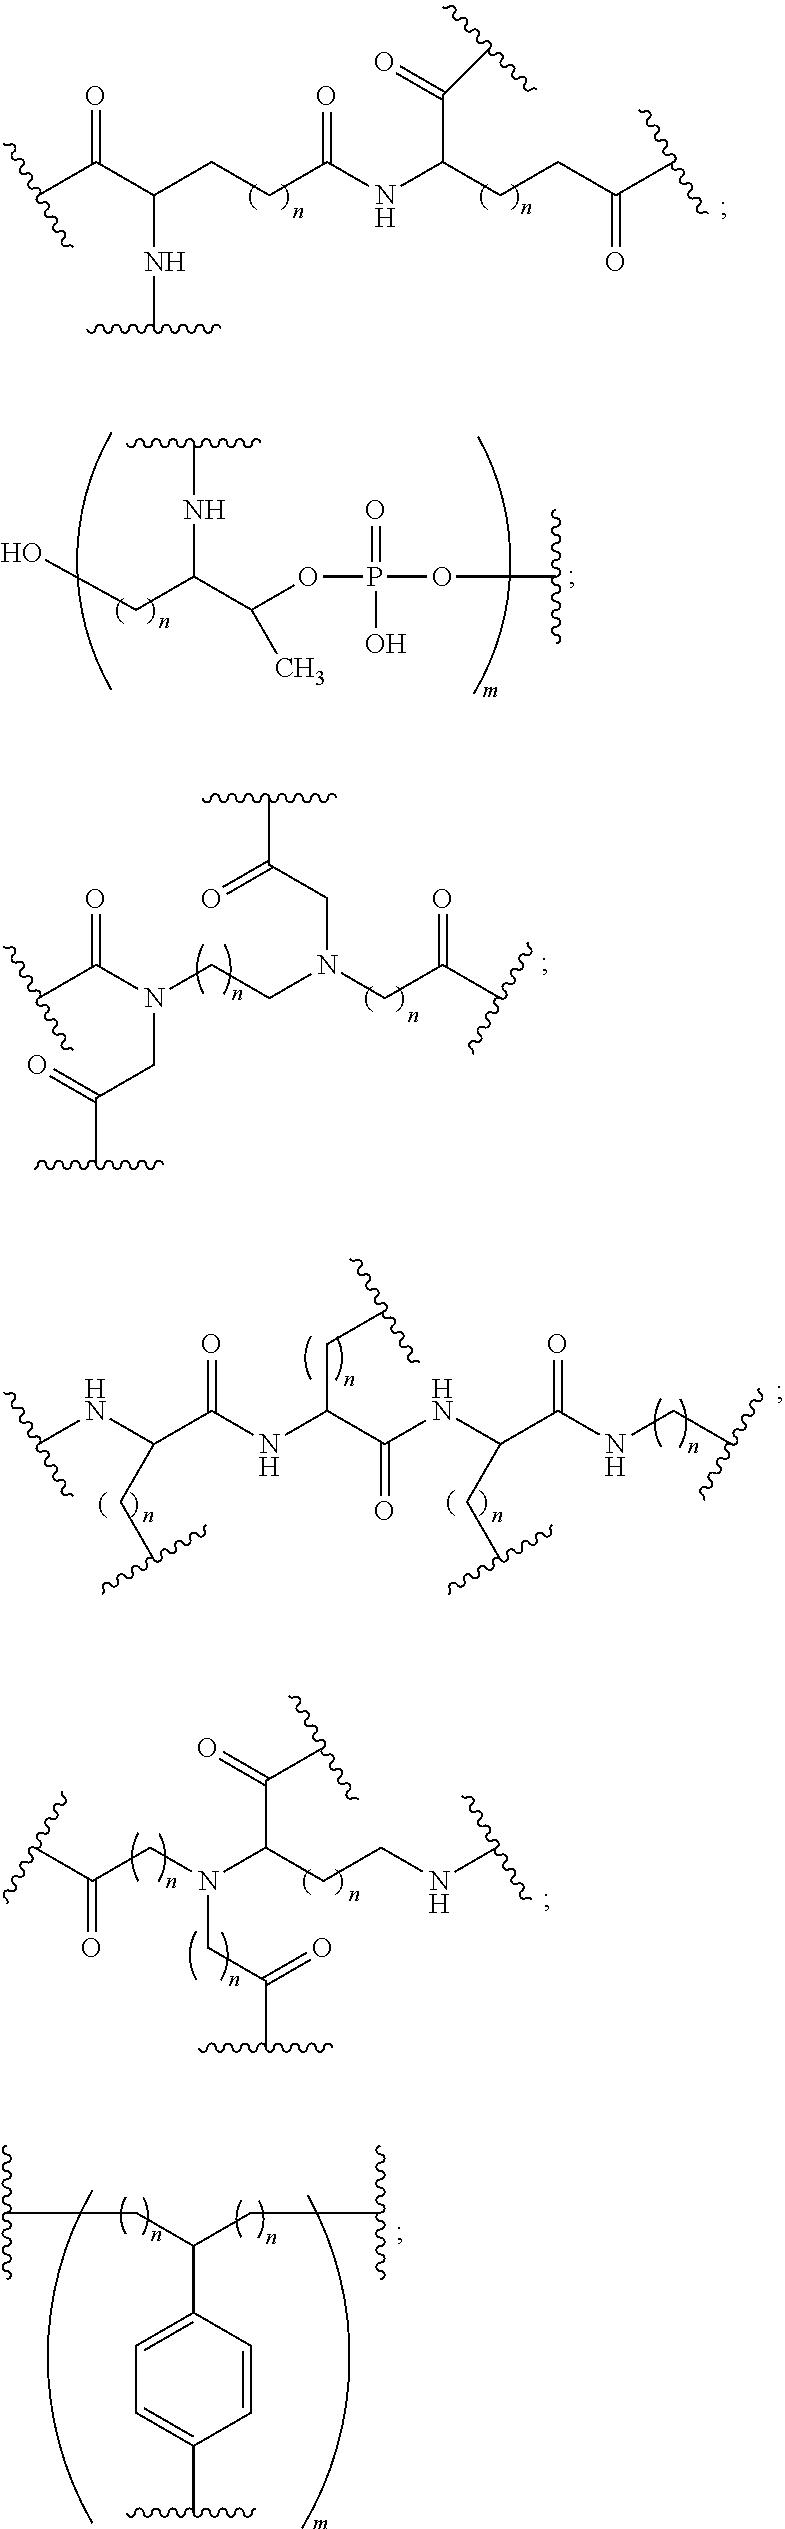 Figure US09994855-20180612-C00067